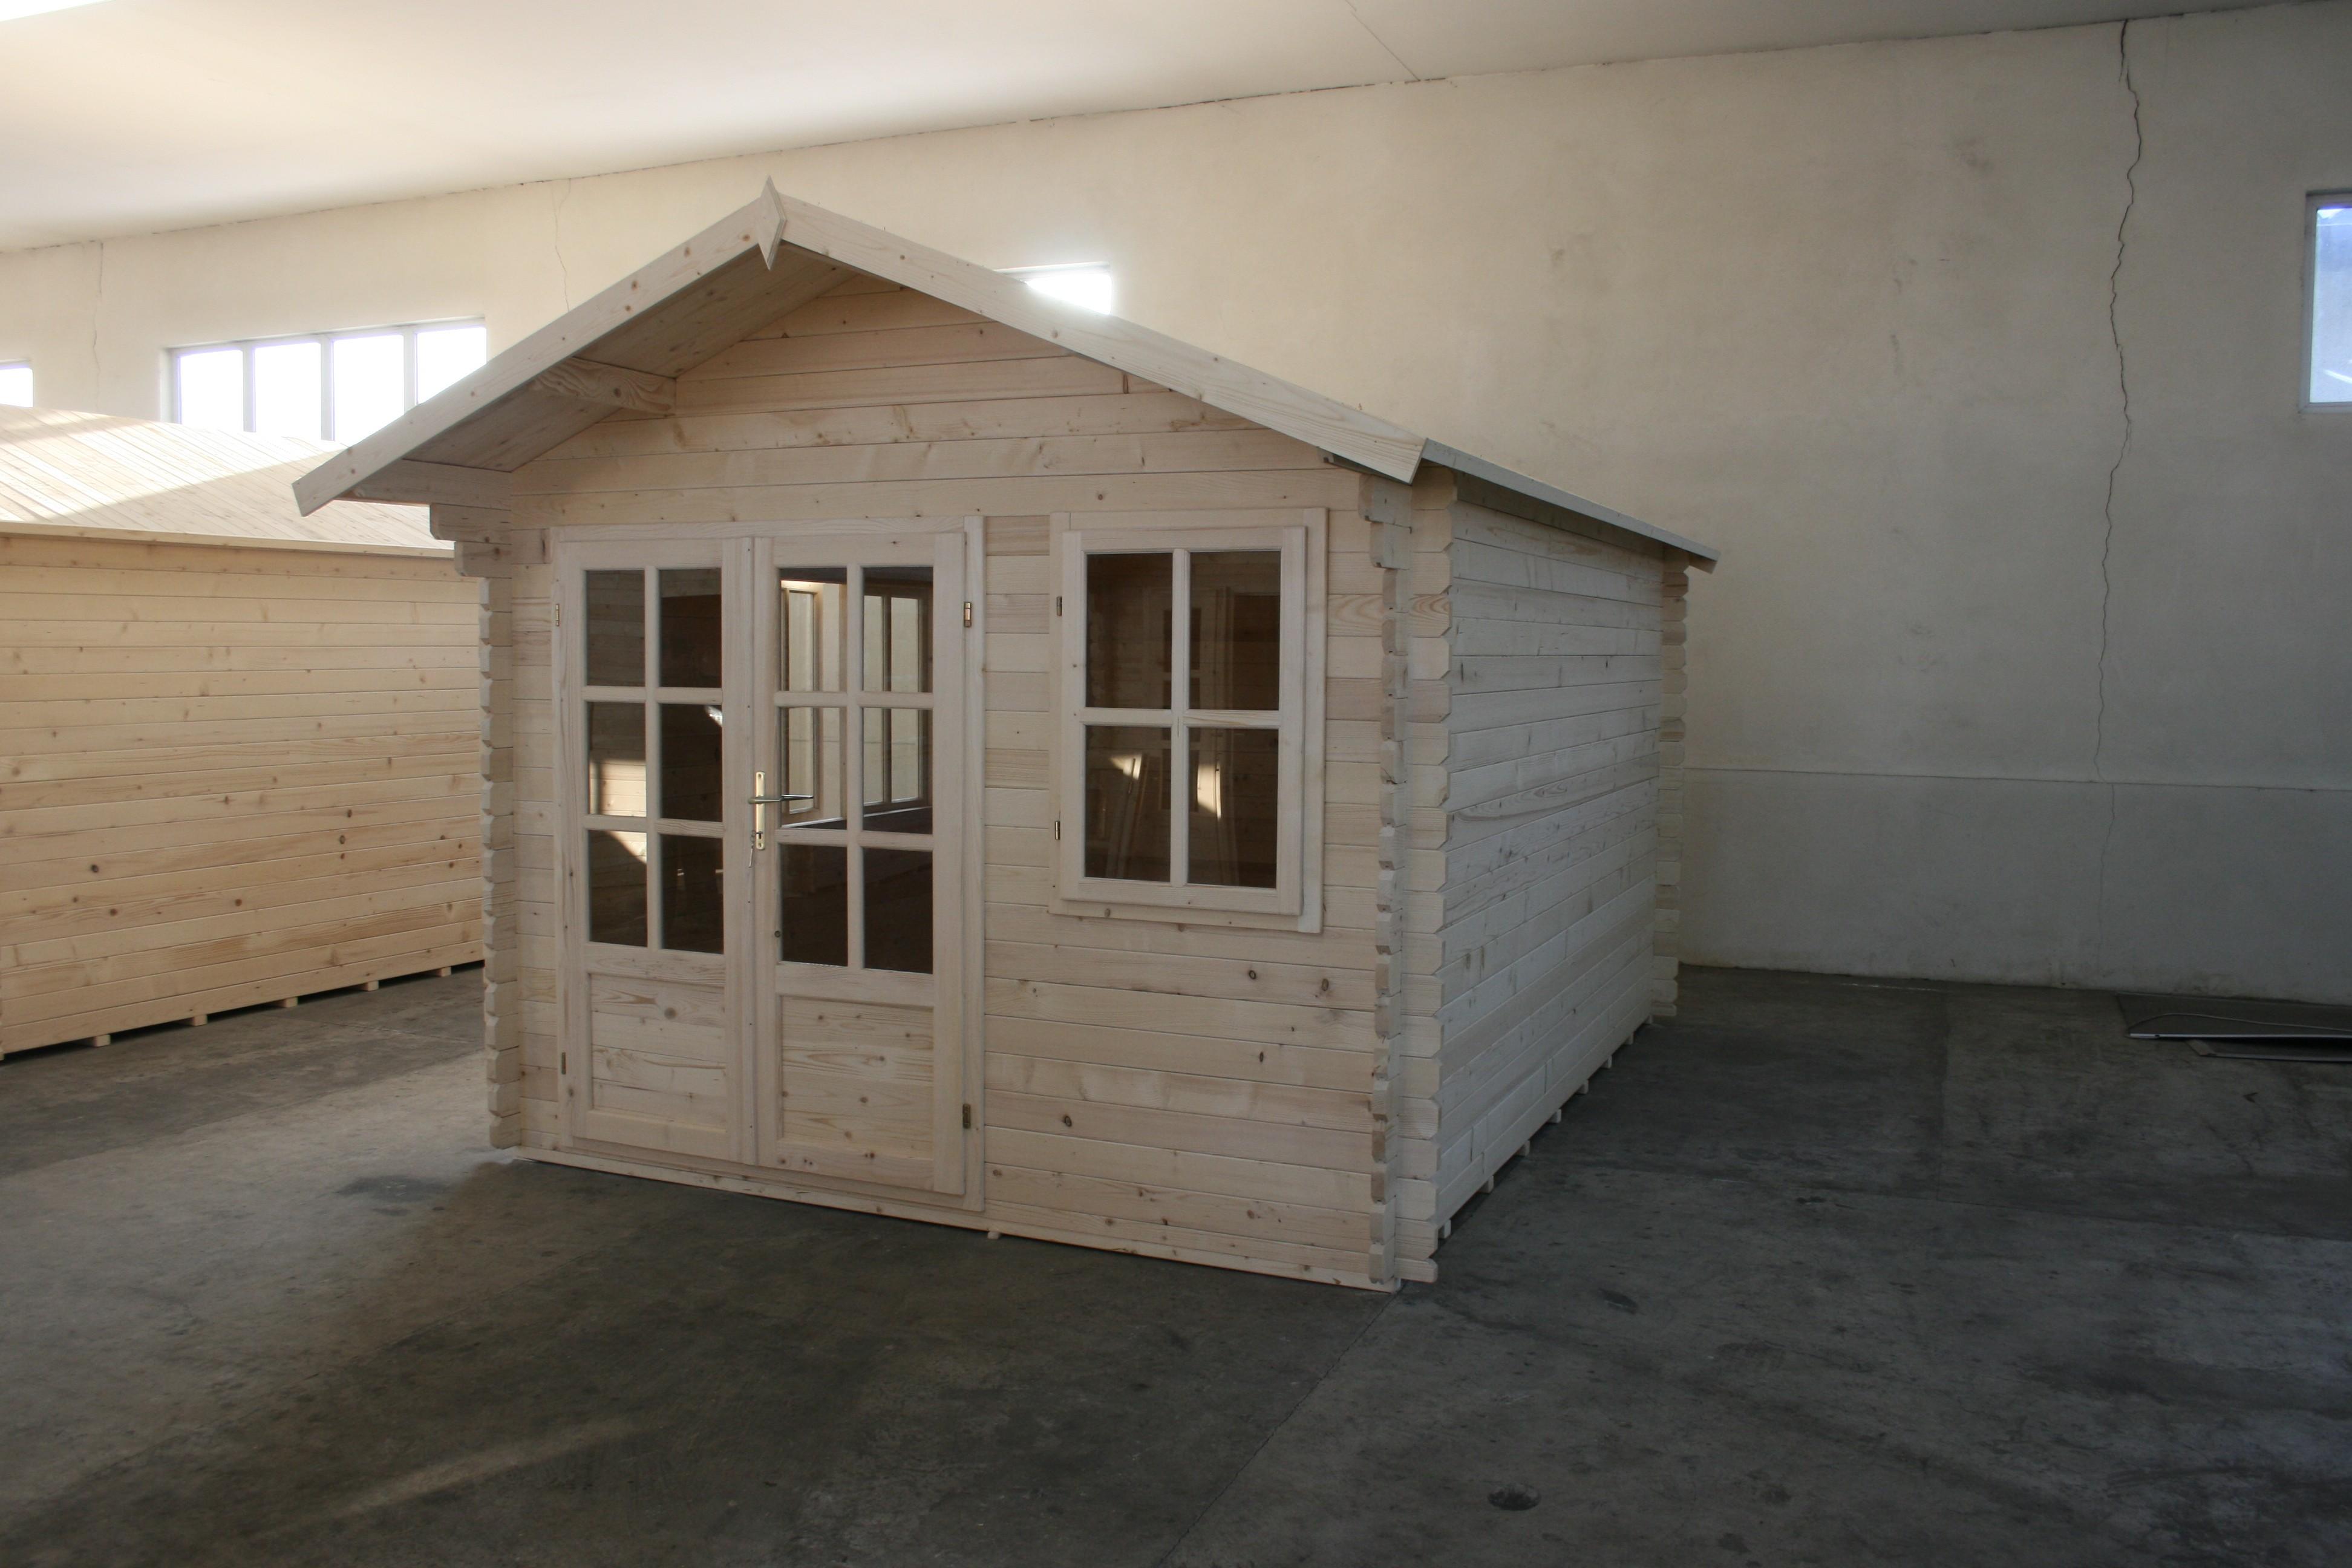 Casetta In Legno Giardino : M casetta in legno mq mama servizi s r l